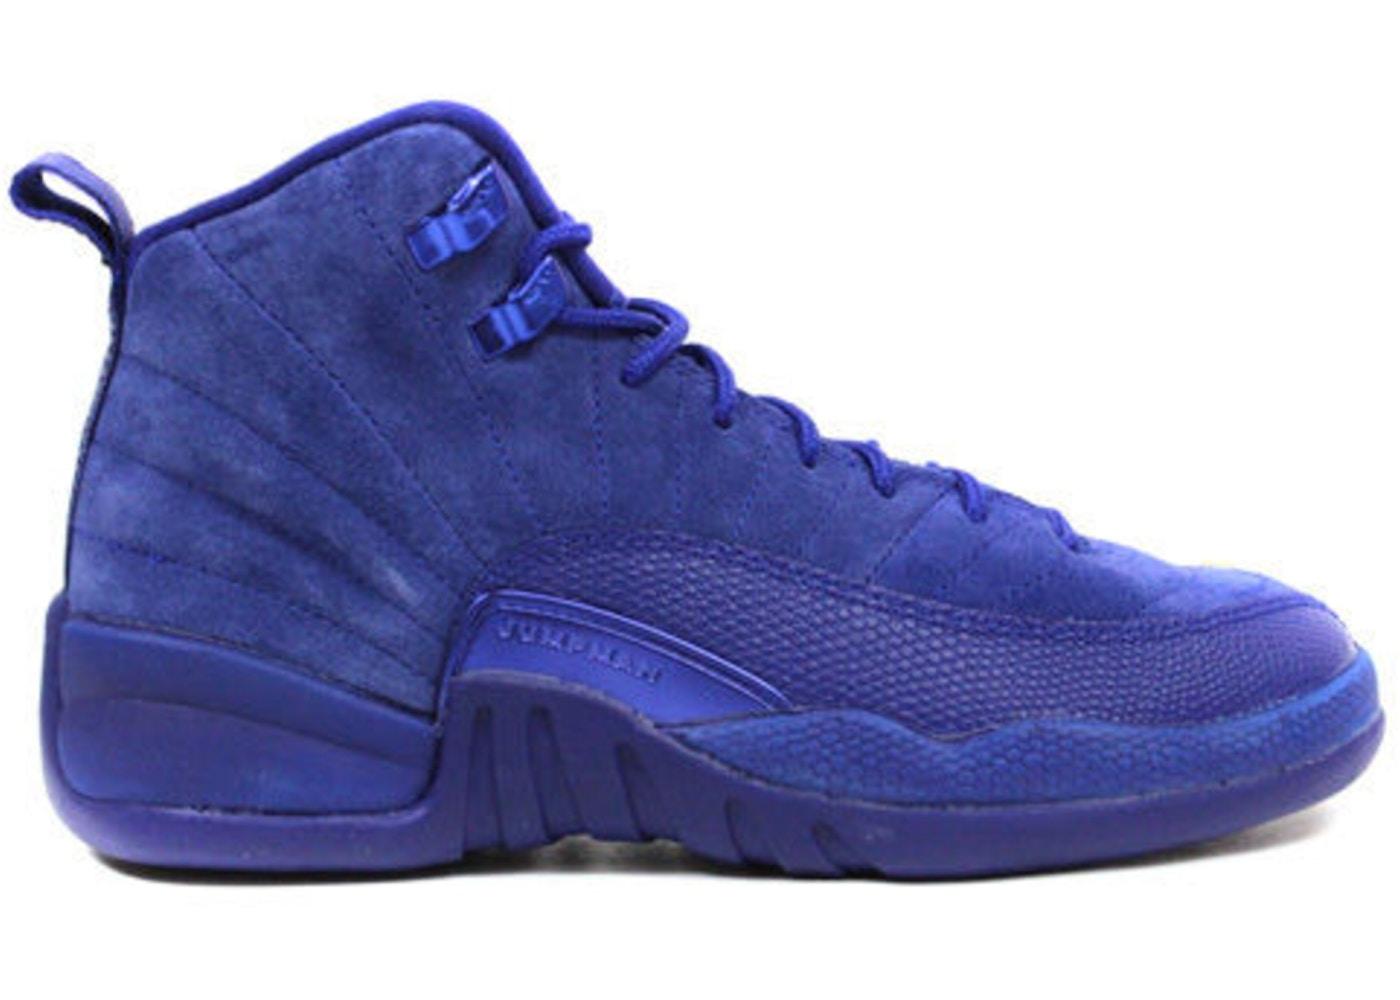 02fae064ca4b Buy Air Jordan 12 Shoes   Deadstock Sneakers